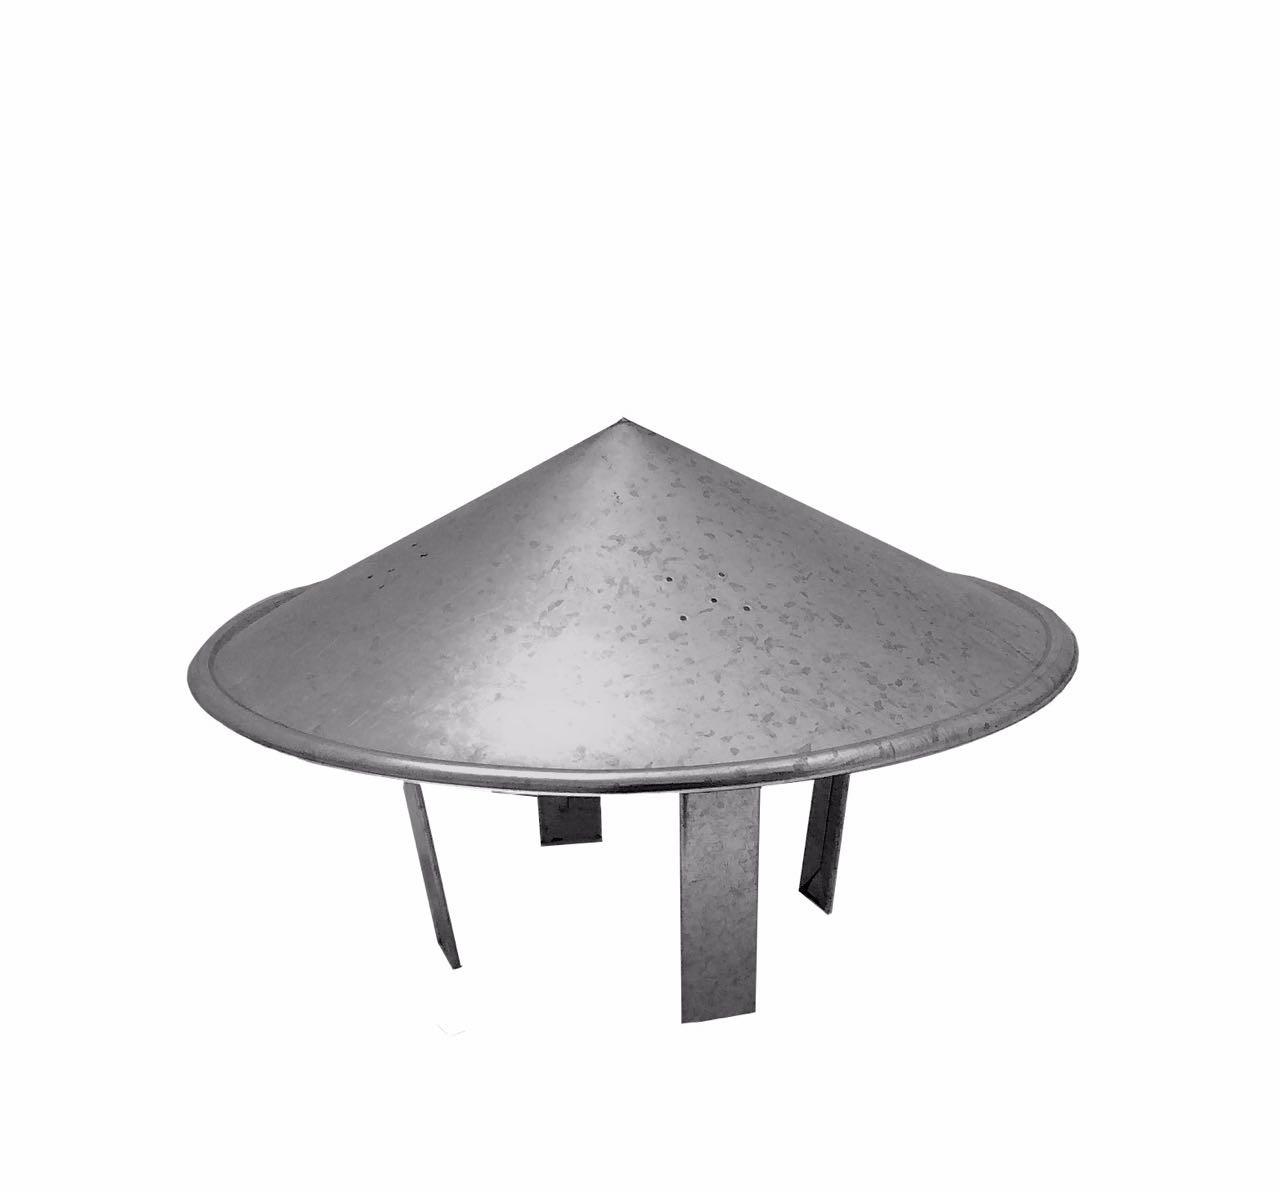 Chapéu chinês galvanizado para dutos de 250 mm de diâmetro para topo de chaminé  - Galvocalhas